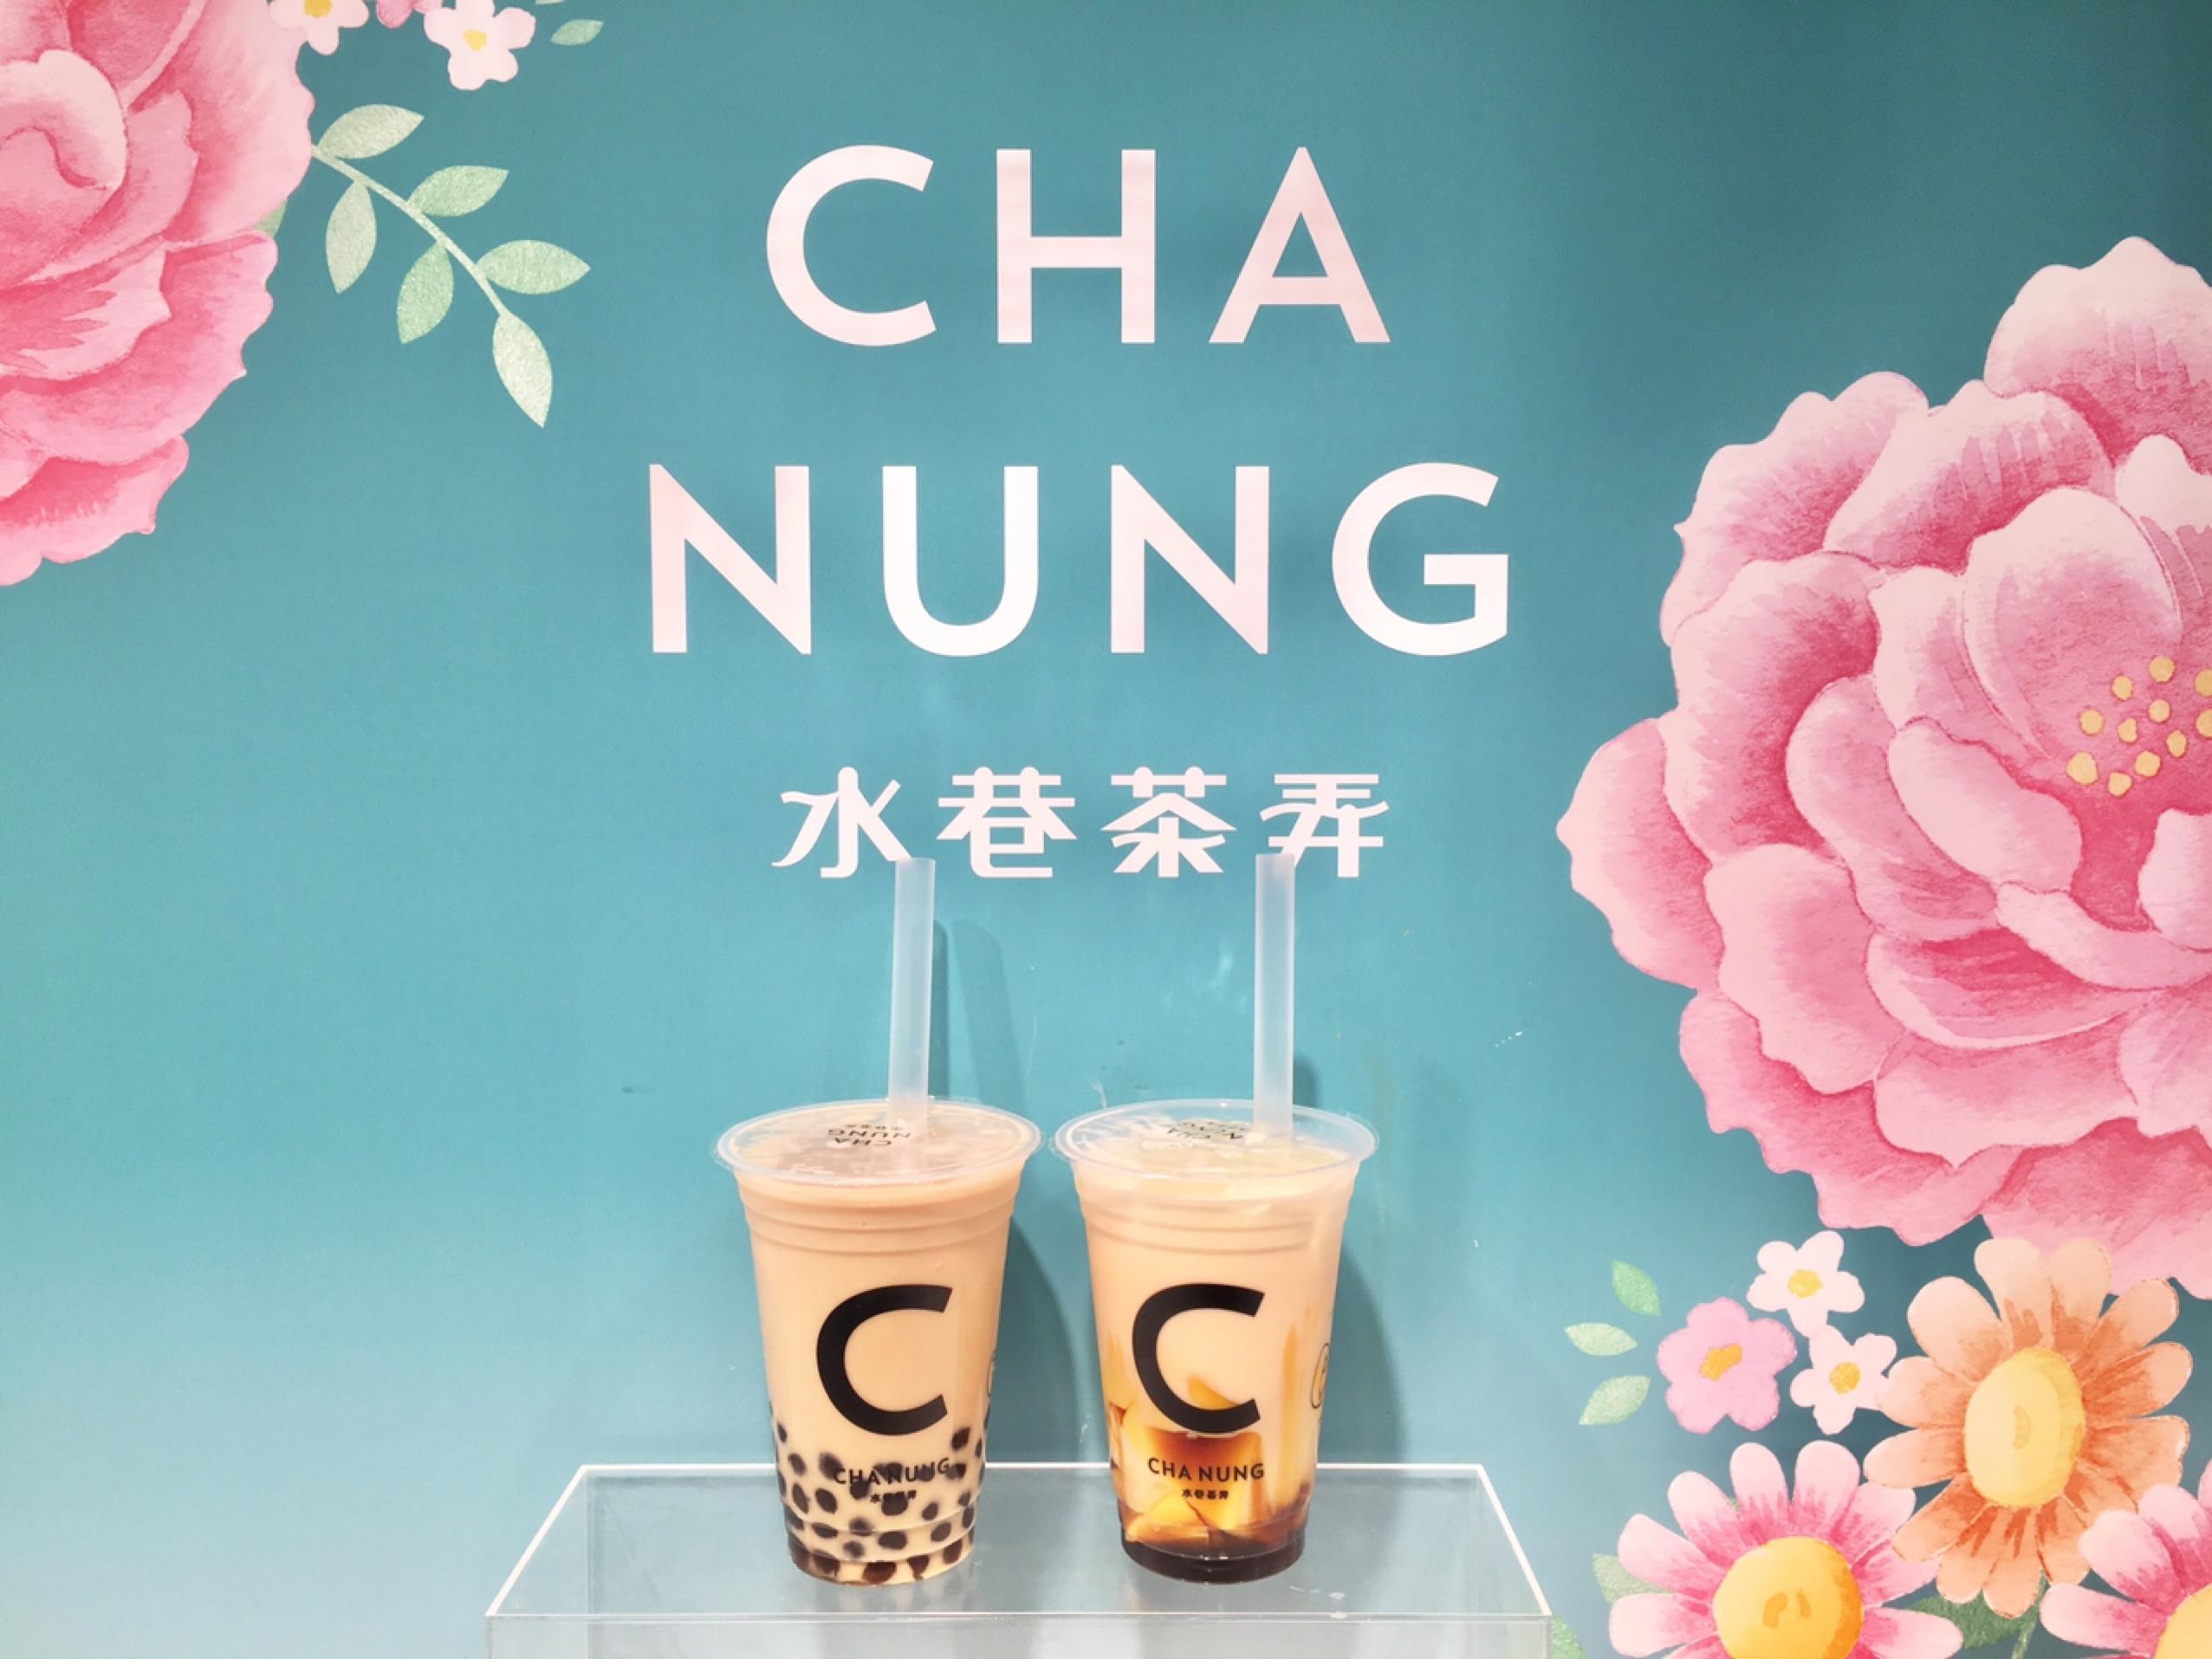 タピオカの次はプリン!?台湾の人気タピオカ店CHA NUNGが表参道にオープン_2